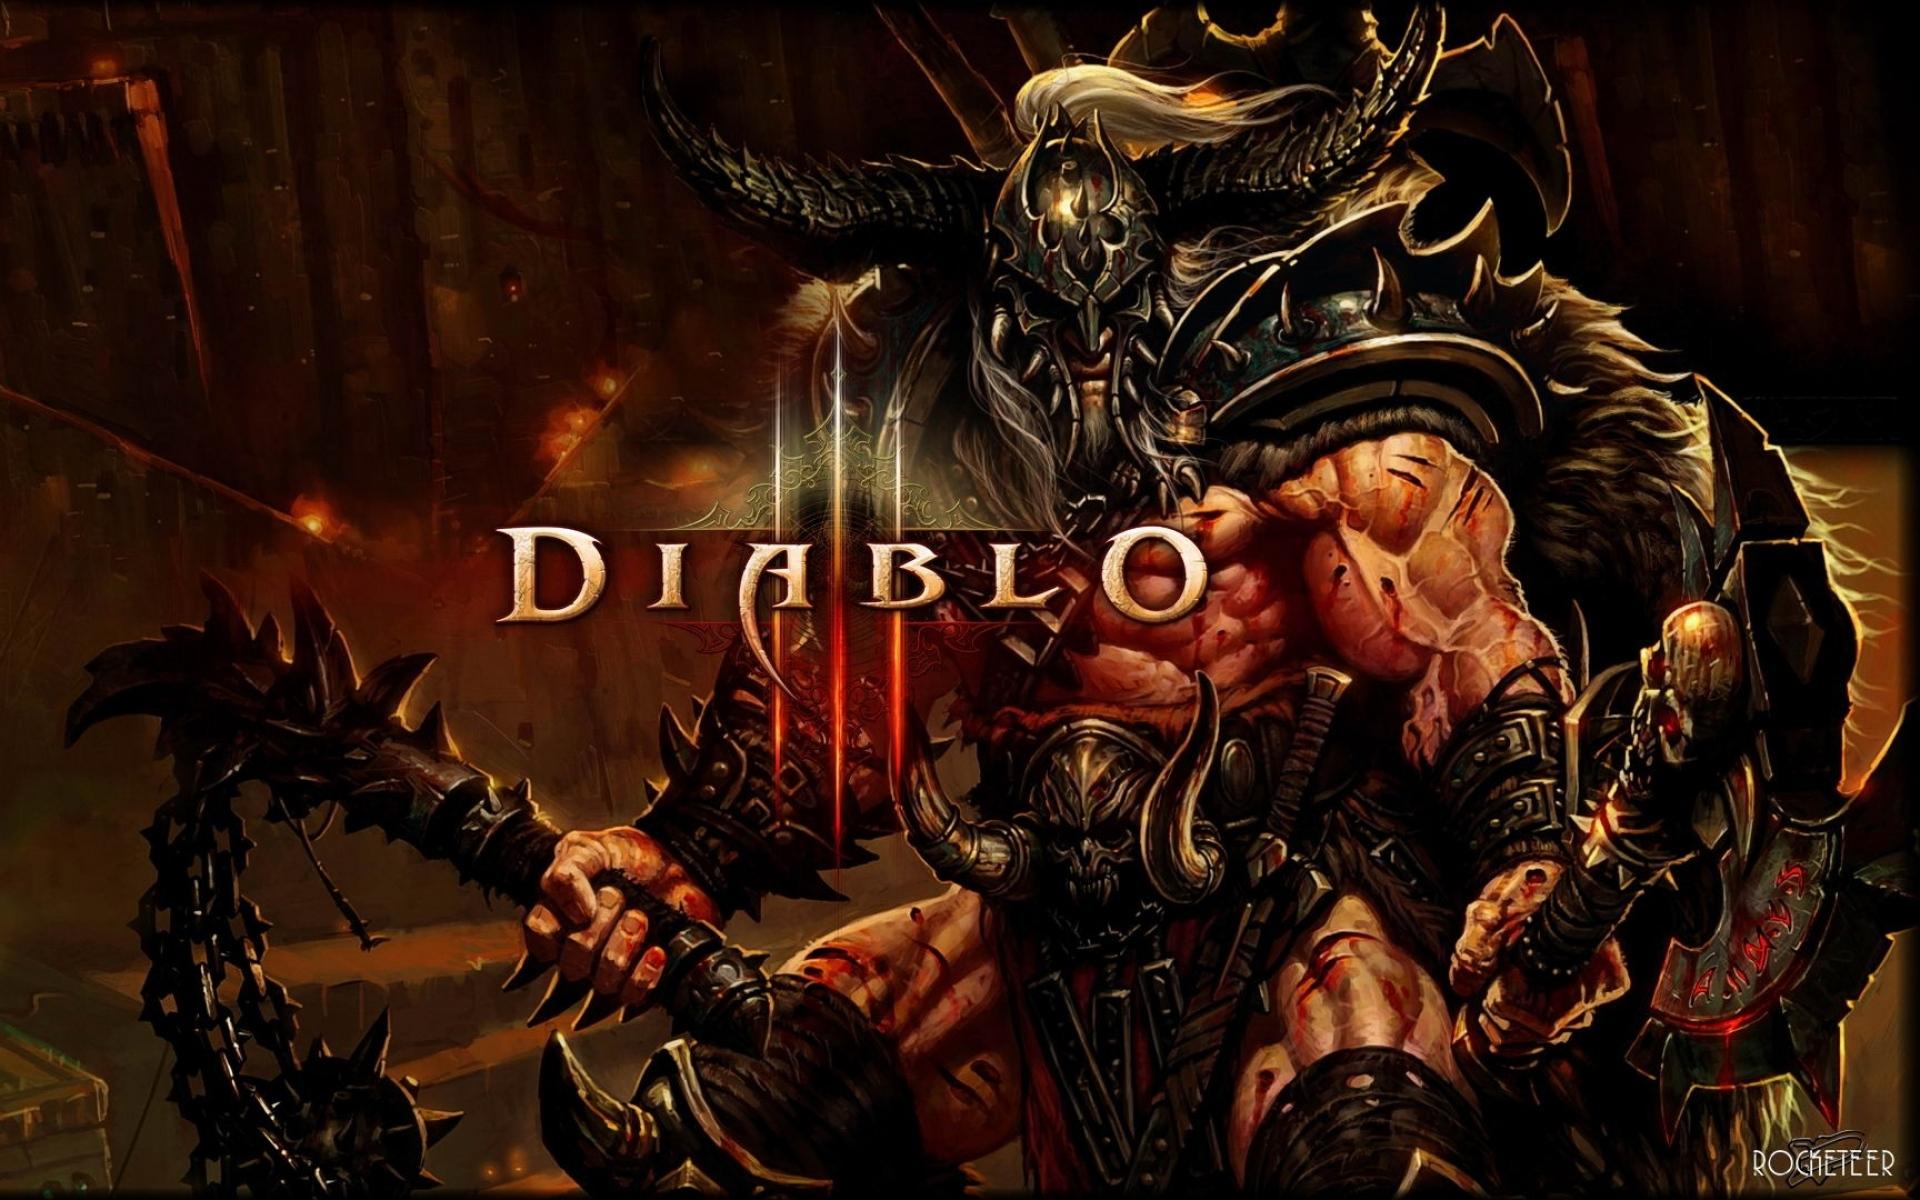 Картинки Diablo 3, варвар, рука, мышцы, имя, шлем, кровь фото и обои на рабочий стол